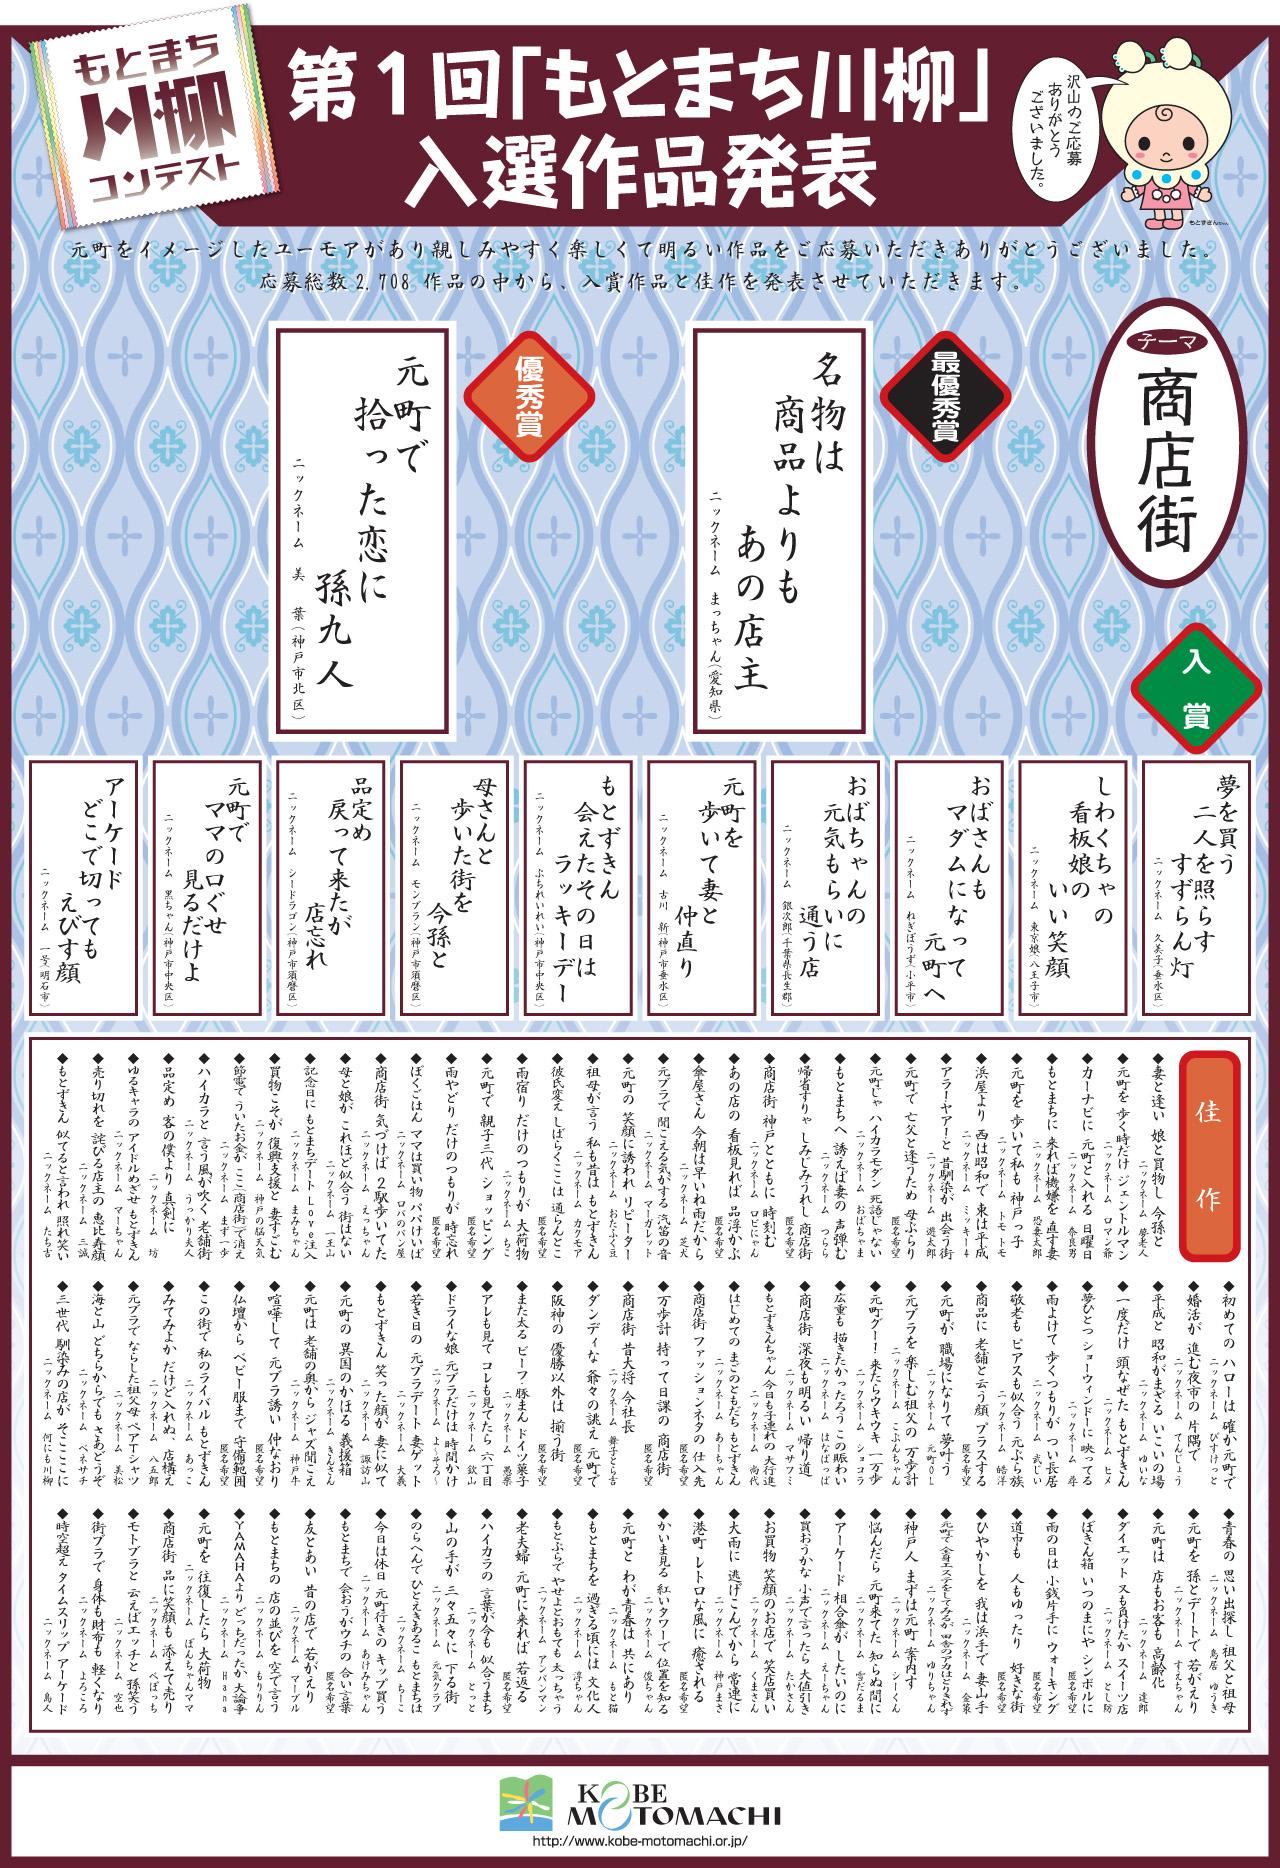 第1回「もとまち川柳」コンテスト 入選作品発表